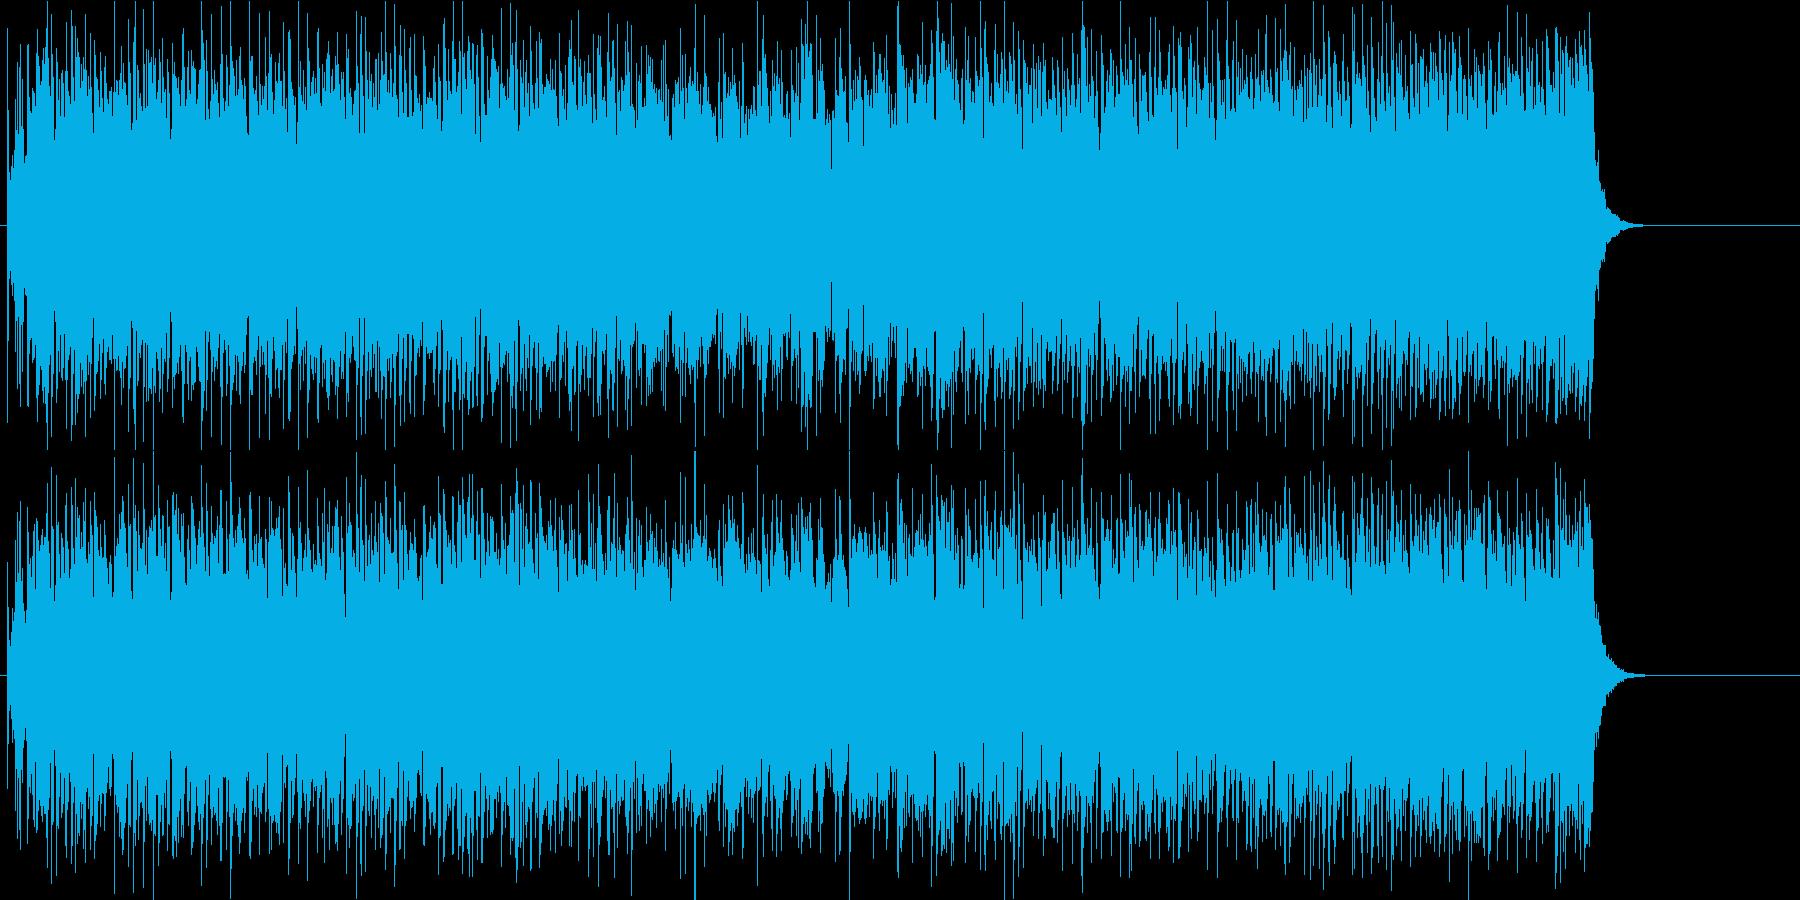 希望 いきいき 青空 さわやか 元気の再生済みの波形